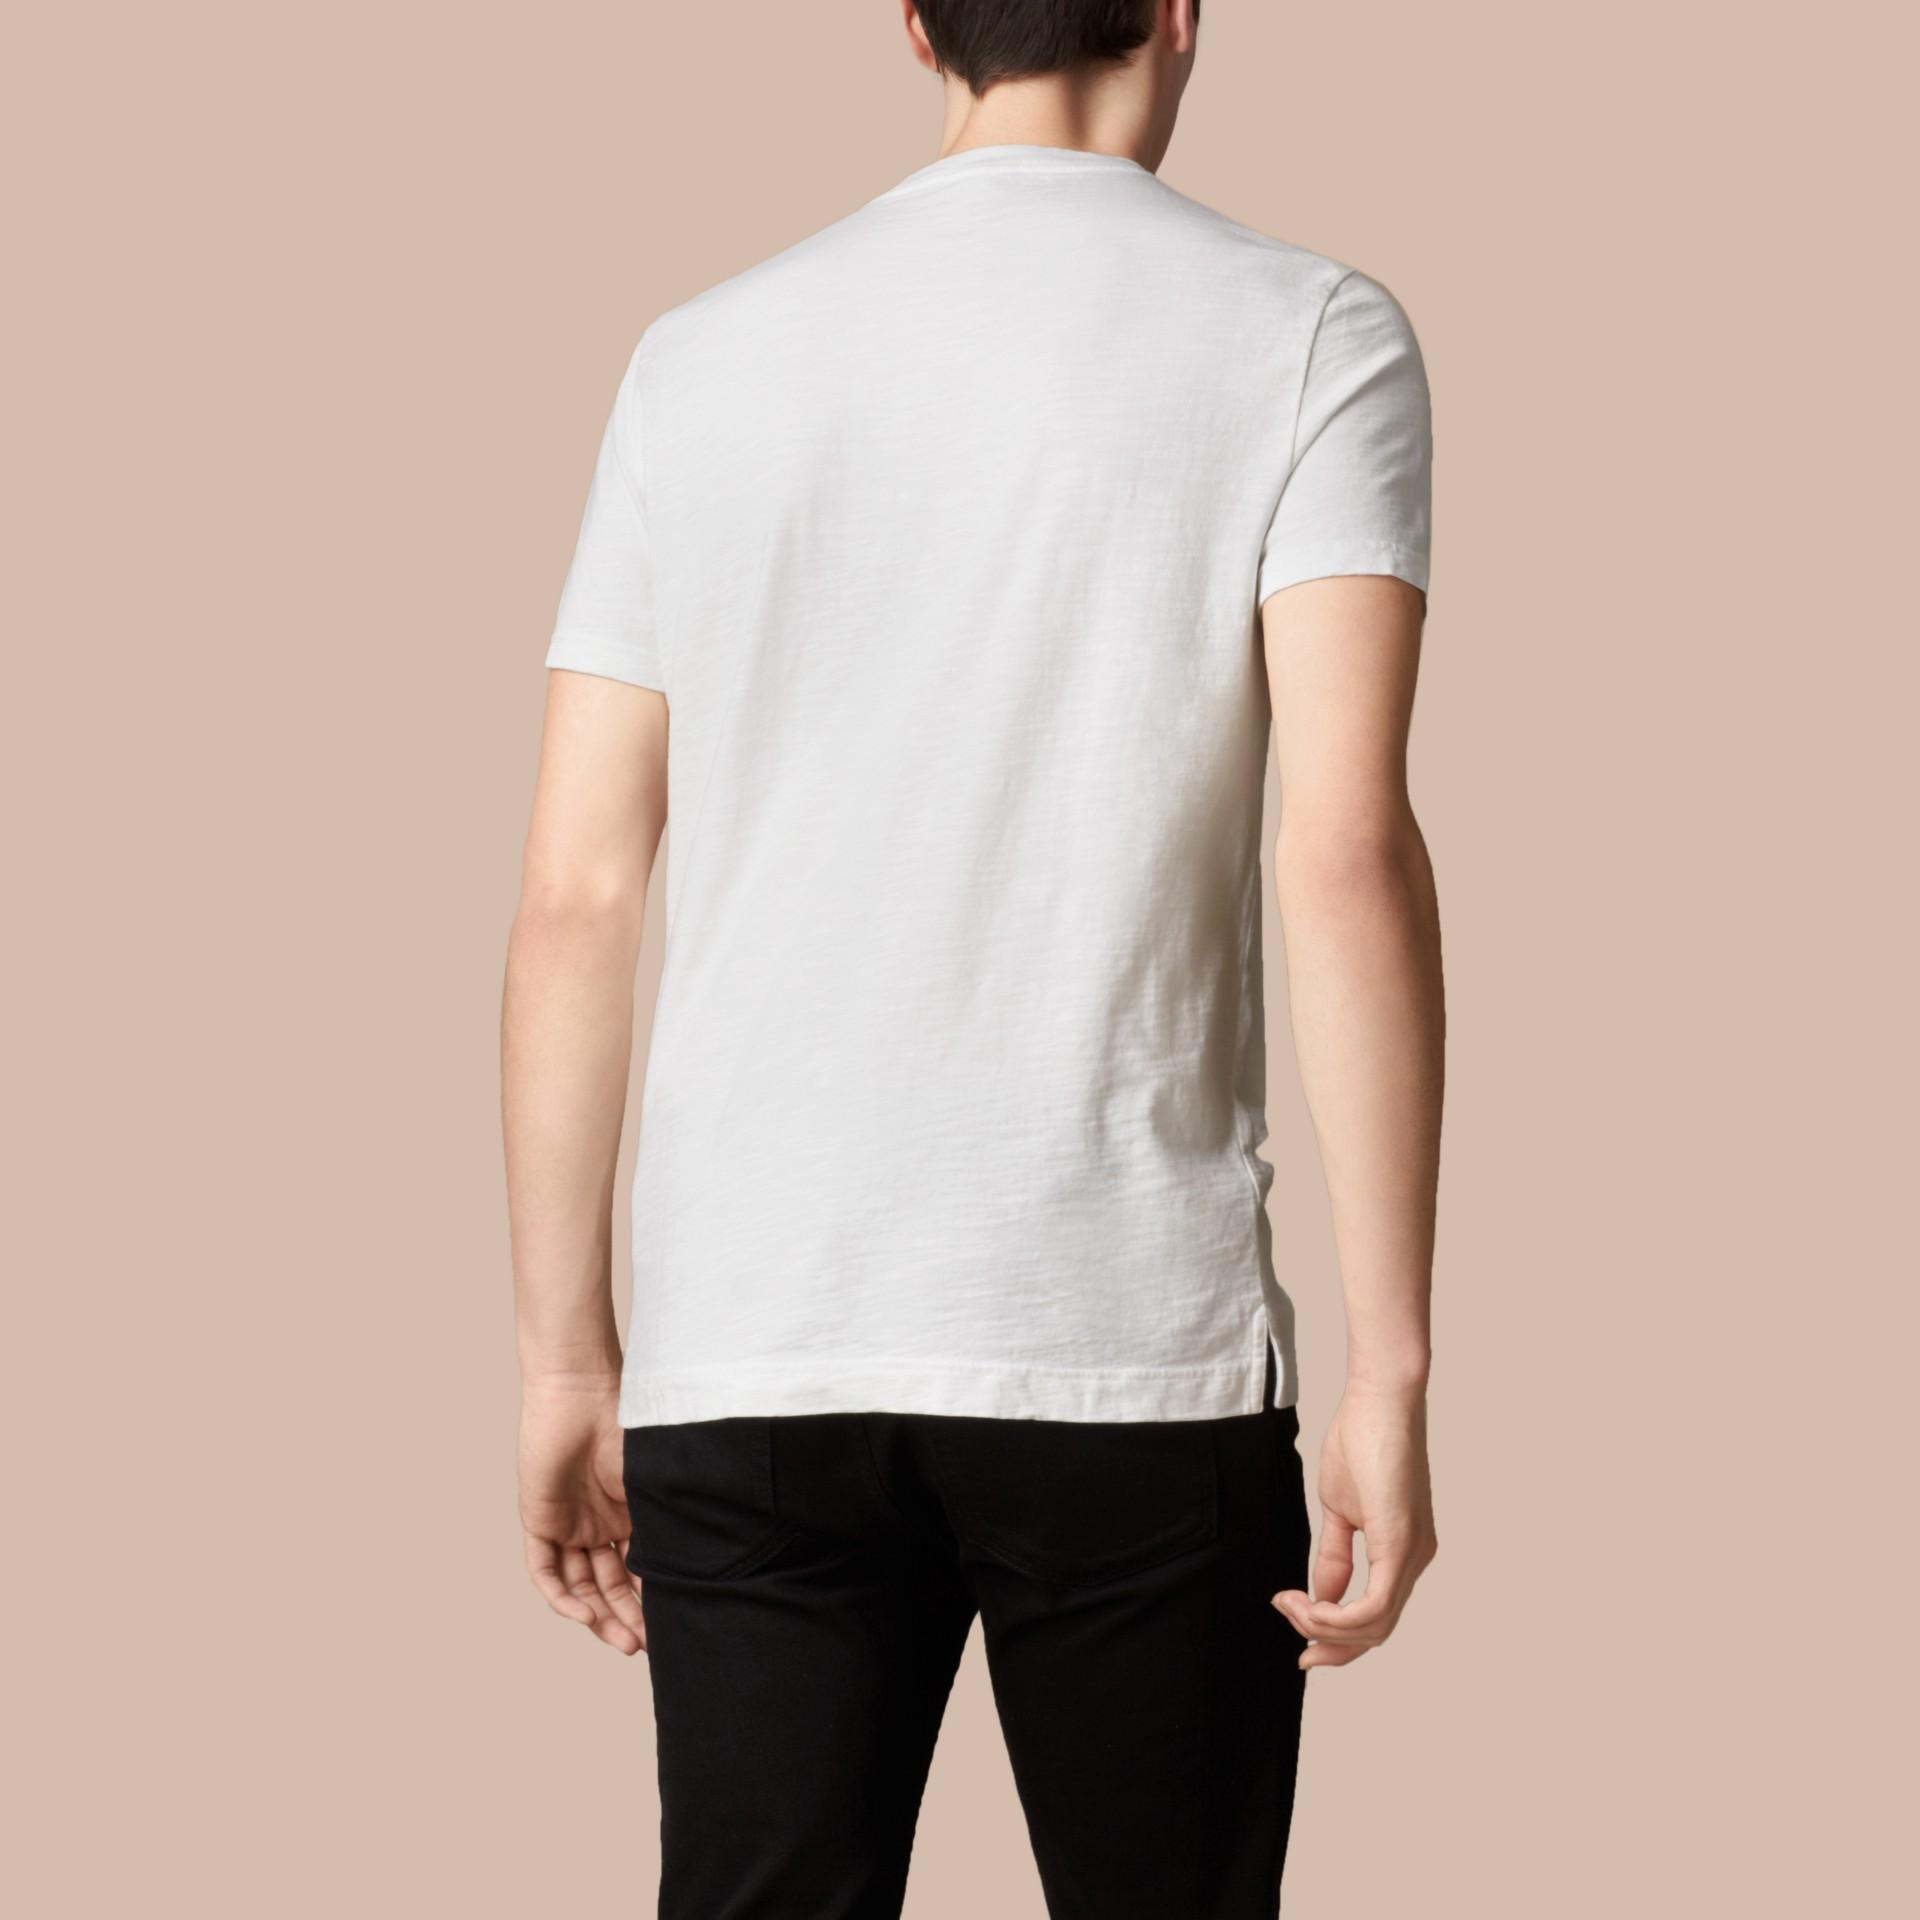 ホワイト スラブジャージー ダブルダイド Tシャツ ホワイト - ギャラリーイメージ 3